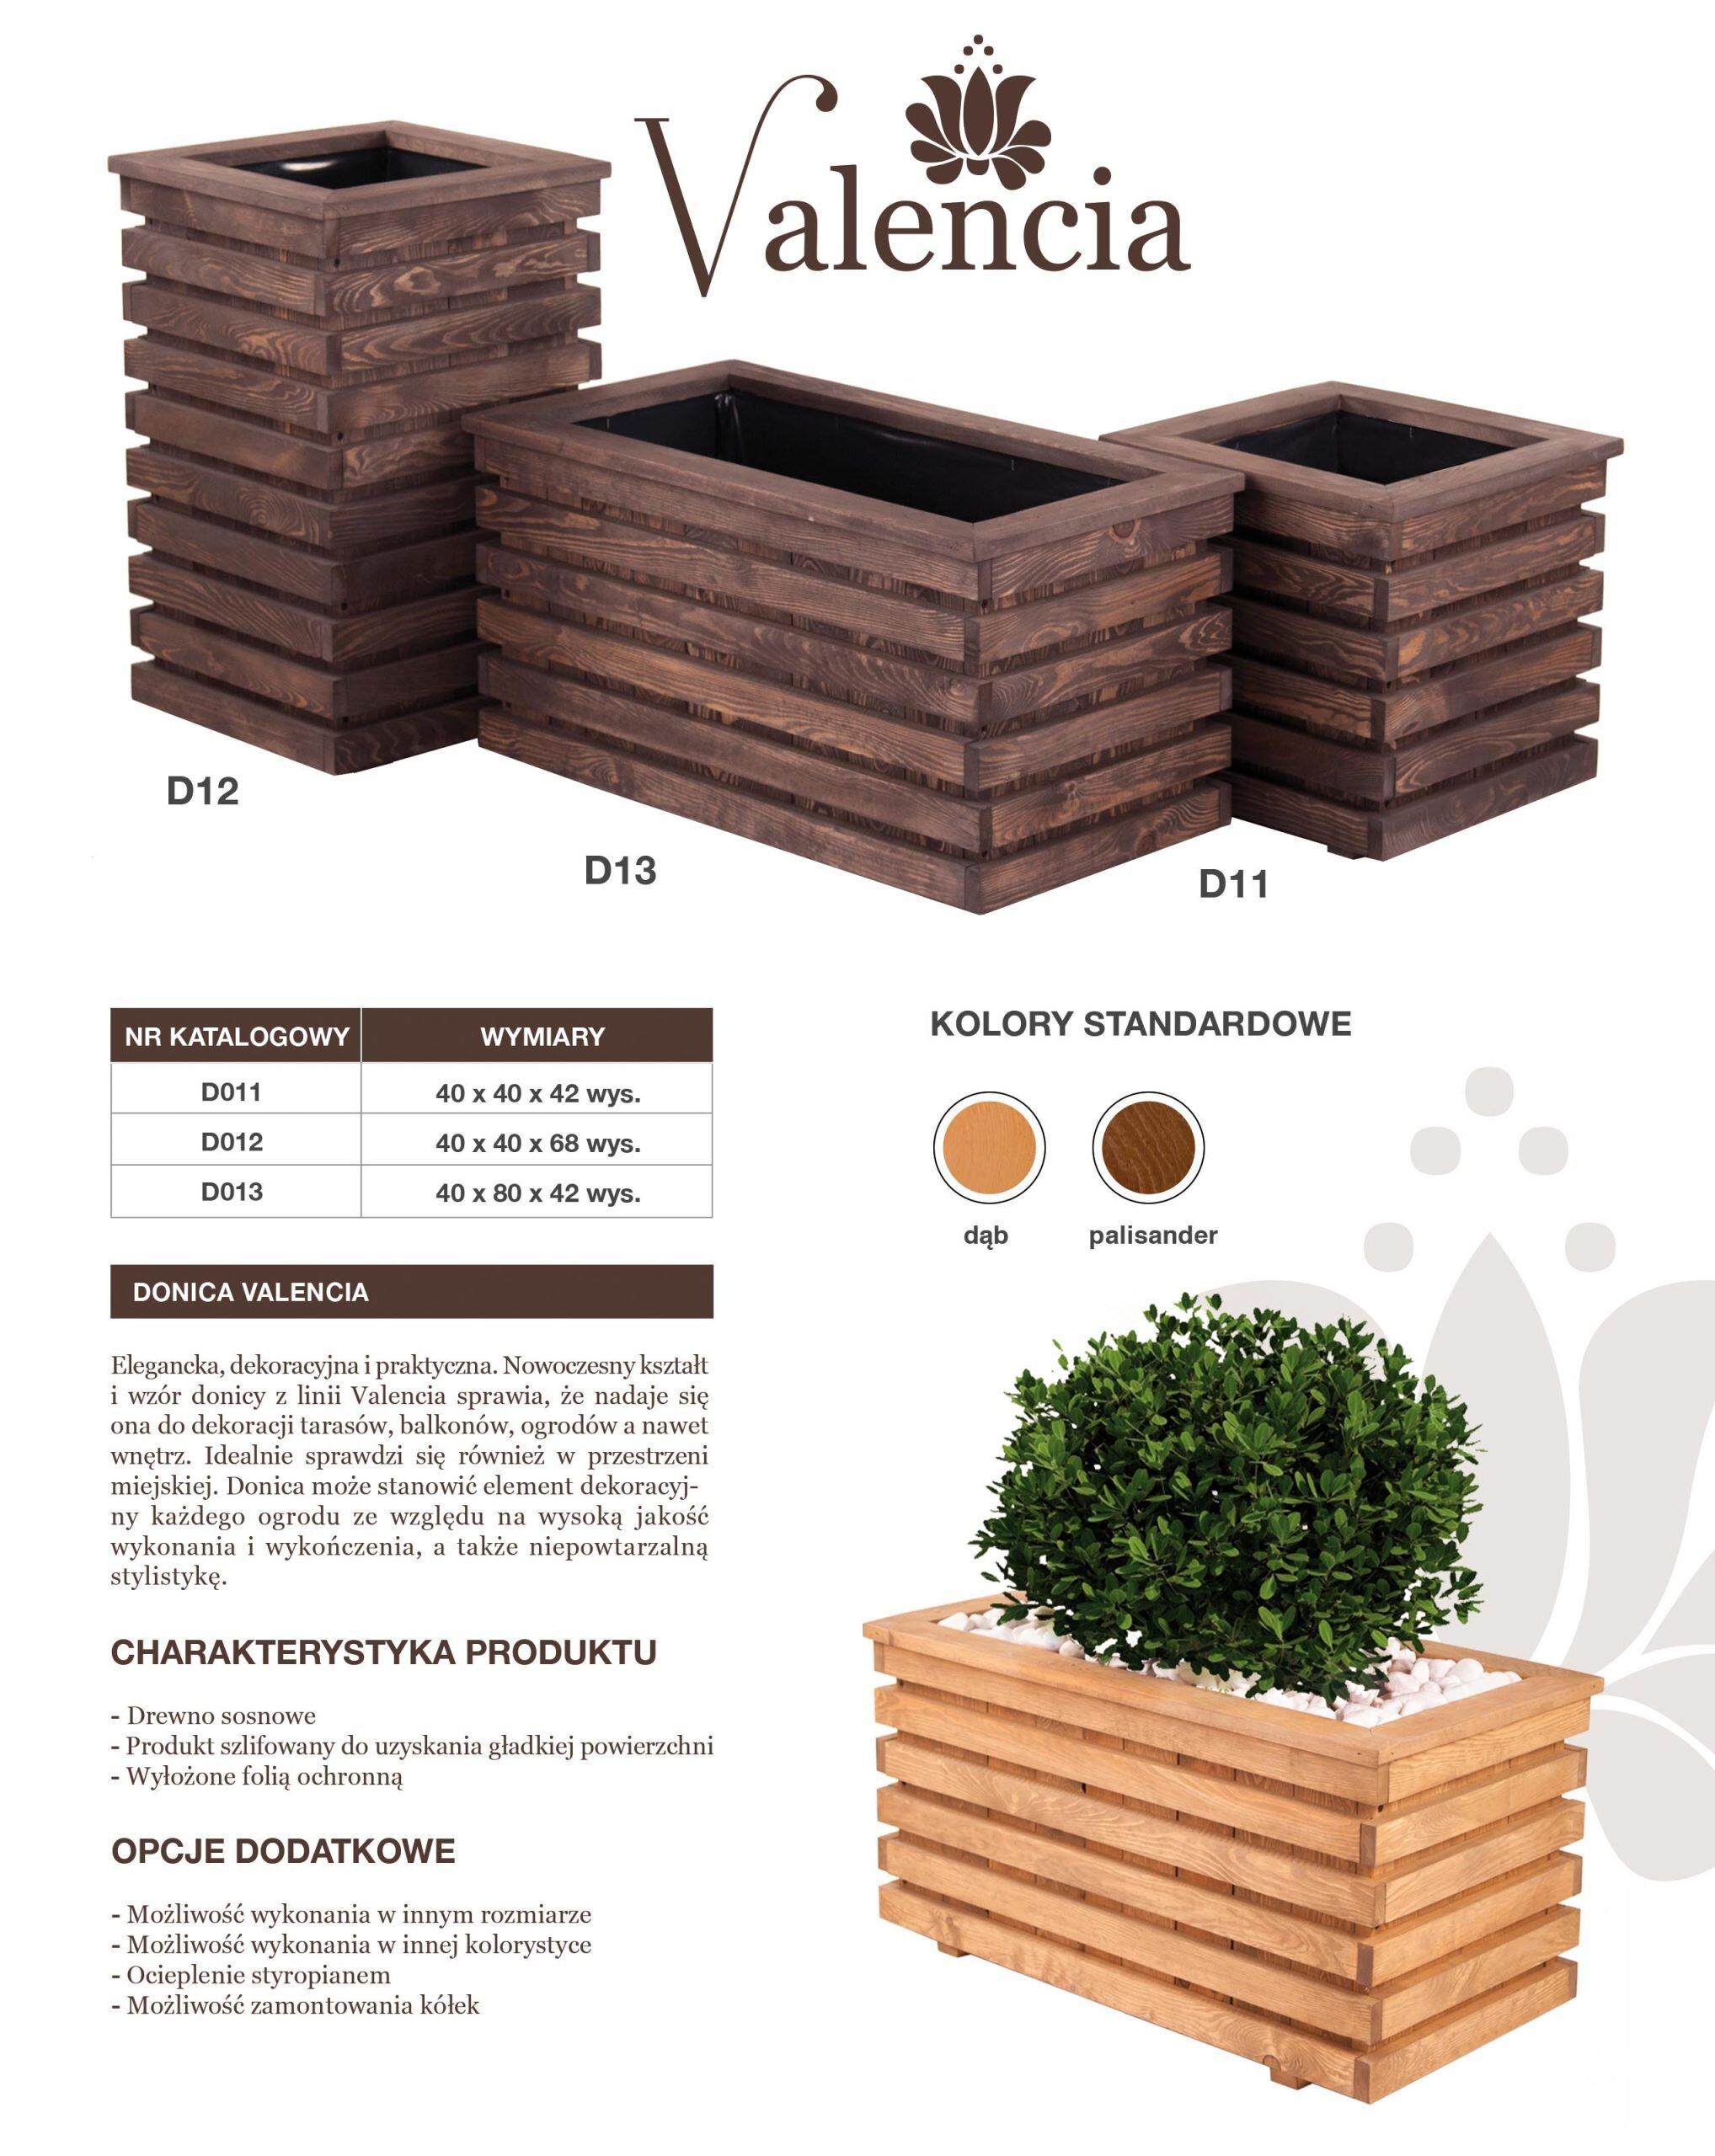 katalog_03_valencia